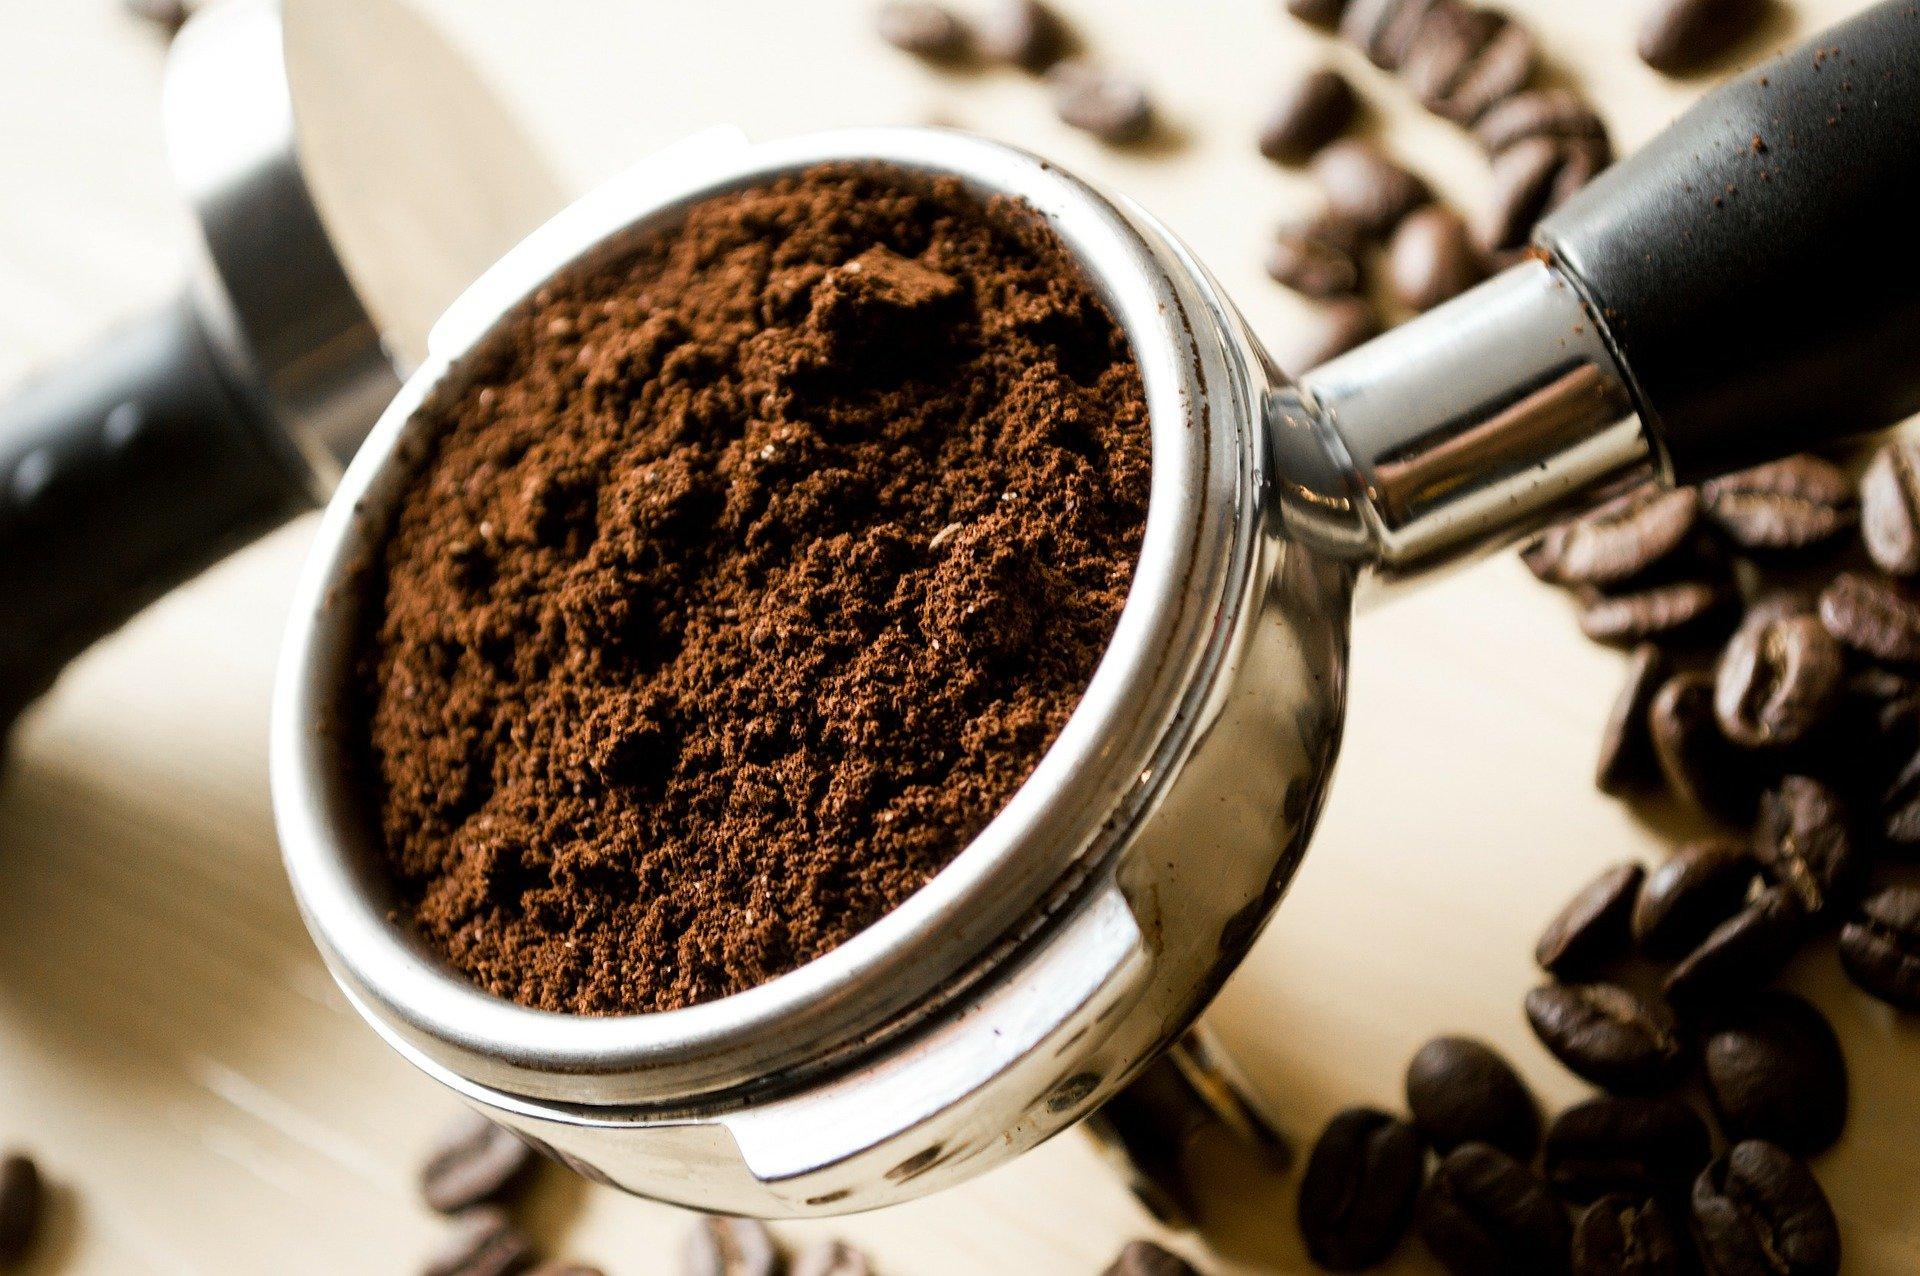 Co zrobić z resztkami kawy?